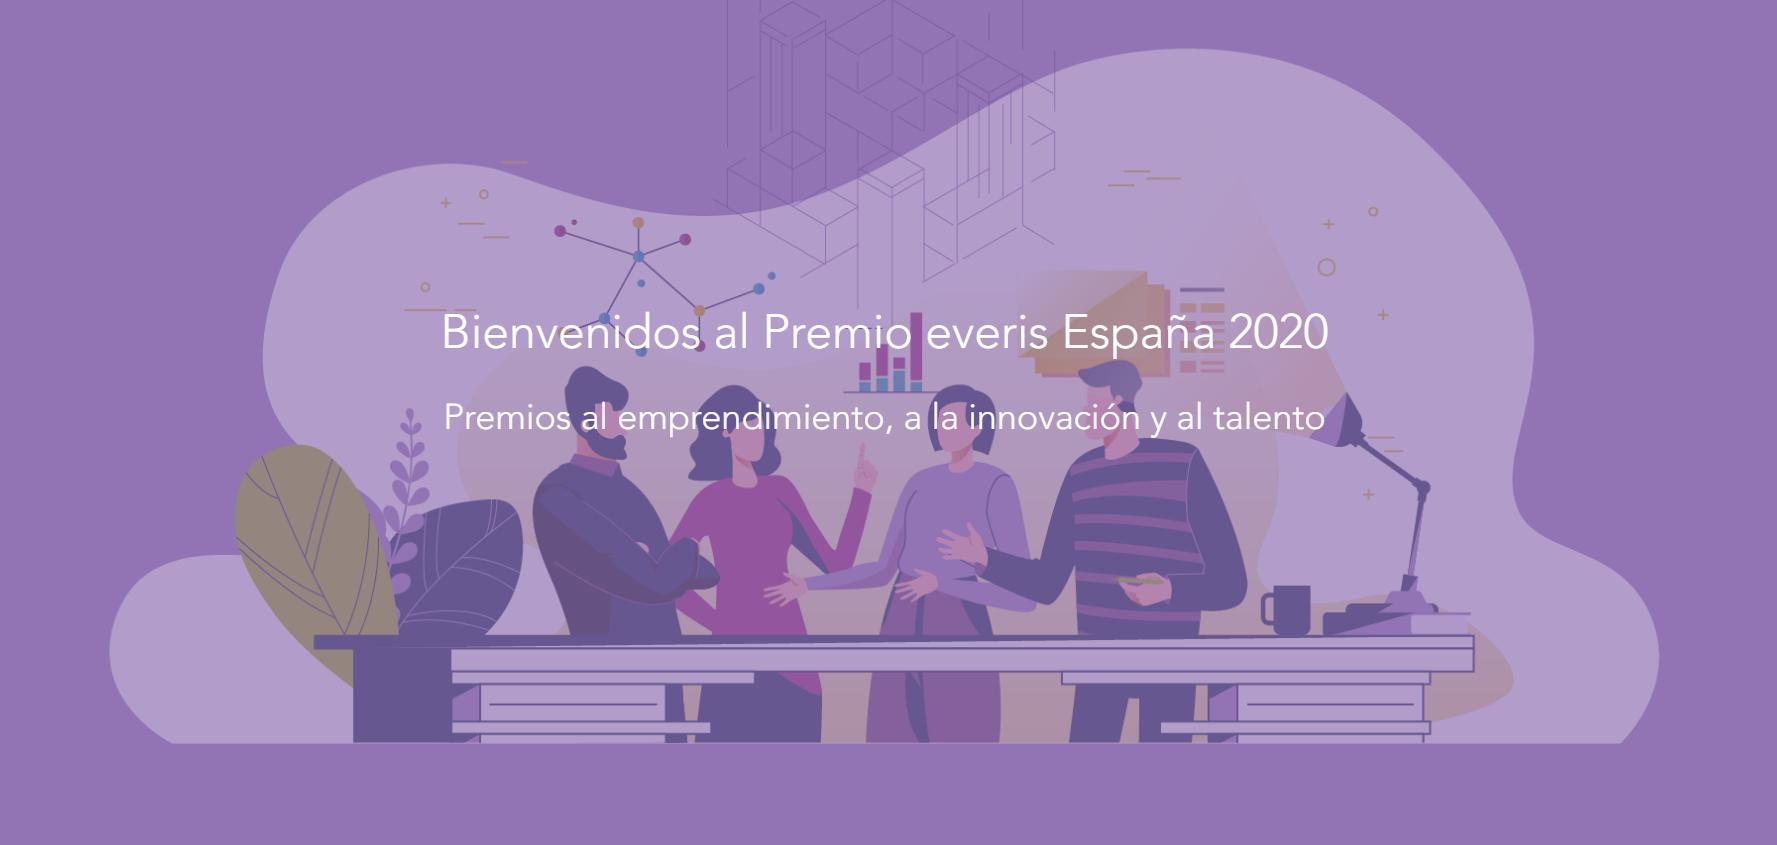 Premio everis España 2020 - El Rincón del Emprendedor